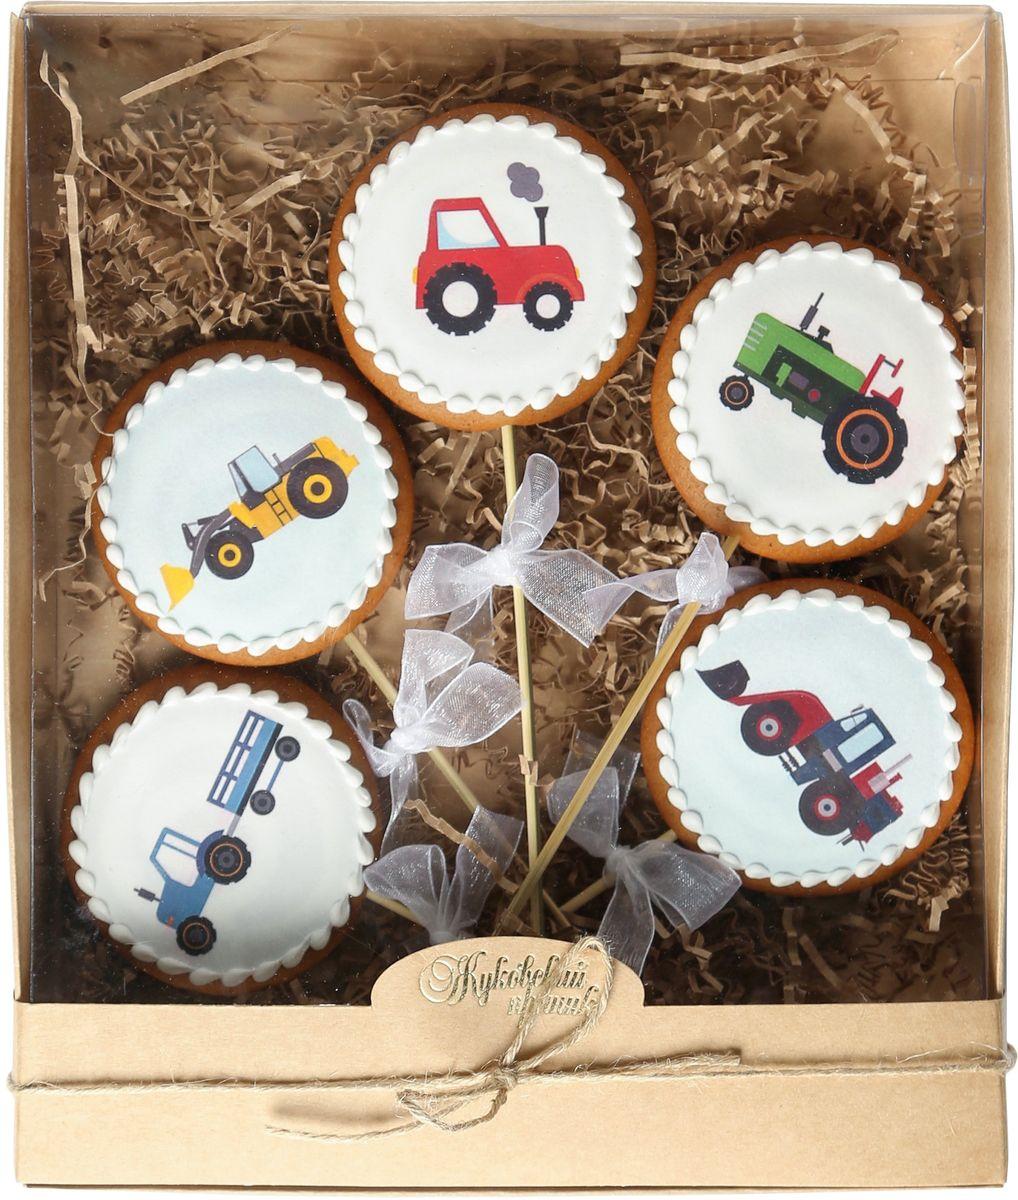 Жуковский пряник Подарочный набор Едет трактор по полям, 5 шт00-00002403Медово-имбирный пряник с росписью из айсинга, фотопечатью на сахарной бумаге. Отличный подарок для любимых. Без ГМО.